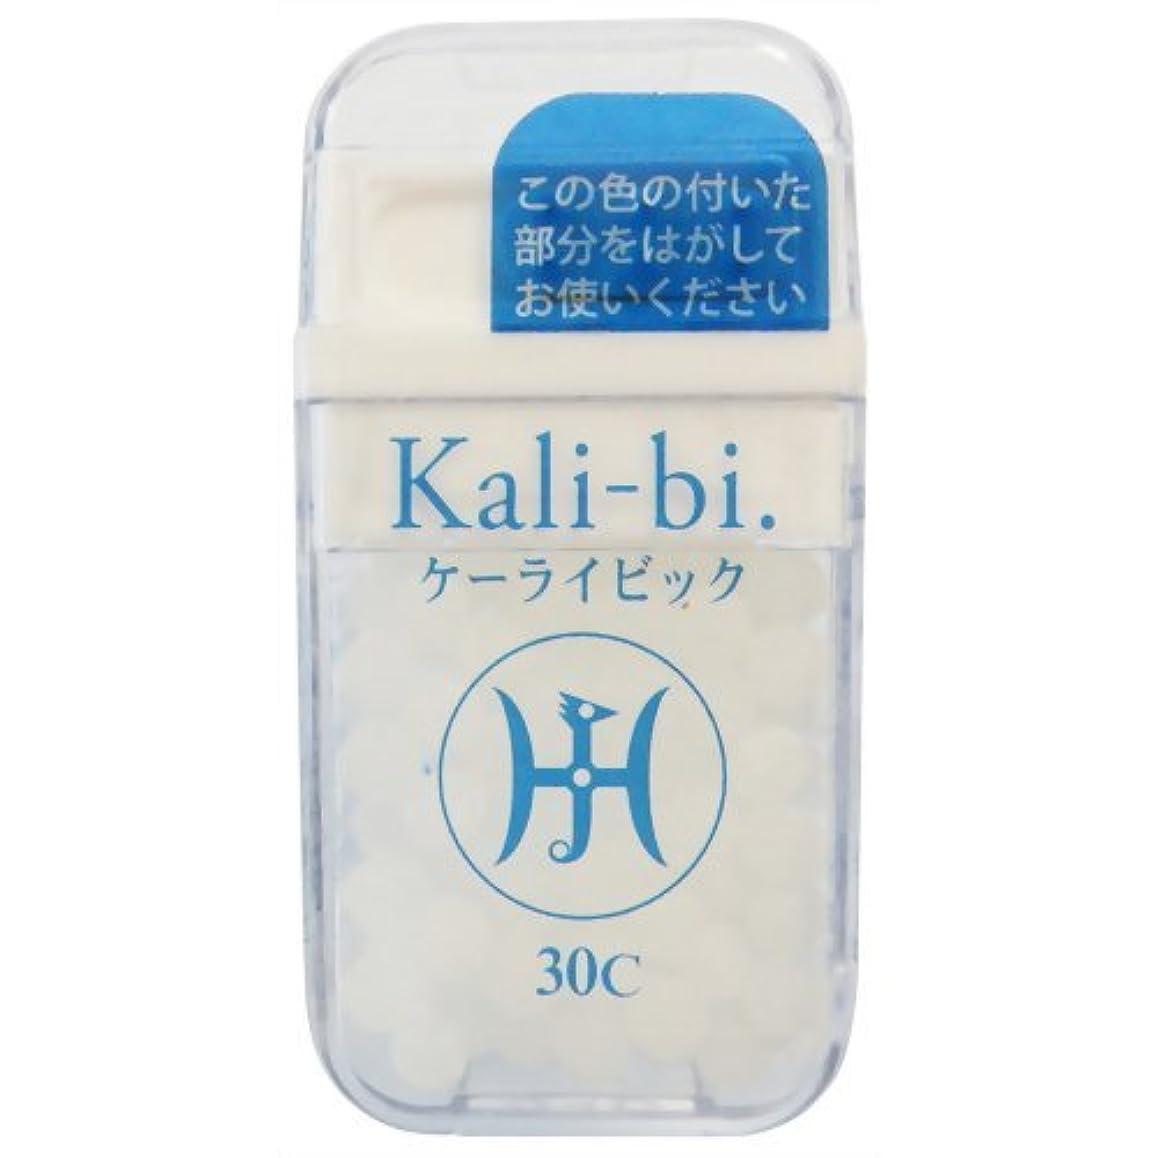 記事乗ってスペードホメオパシージャパンレメディー Kali-bi.  ケーライビック 30C (大ビン)